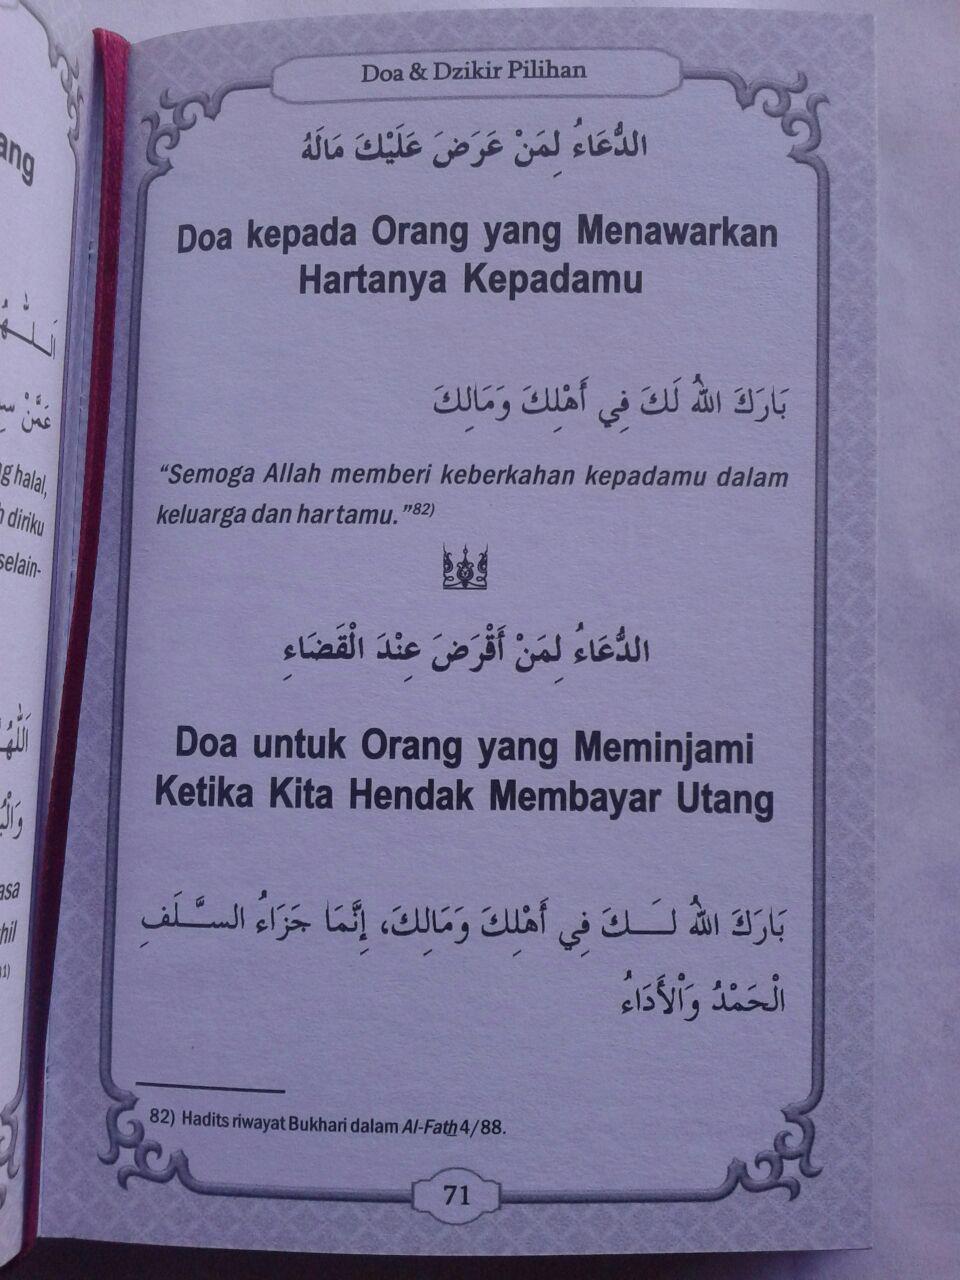 Buku Saku Hisnul Muslim Ensiklopedi Mini Doa & Dzikir Pilihan isi 3